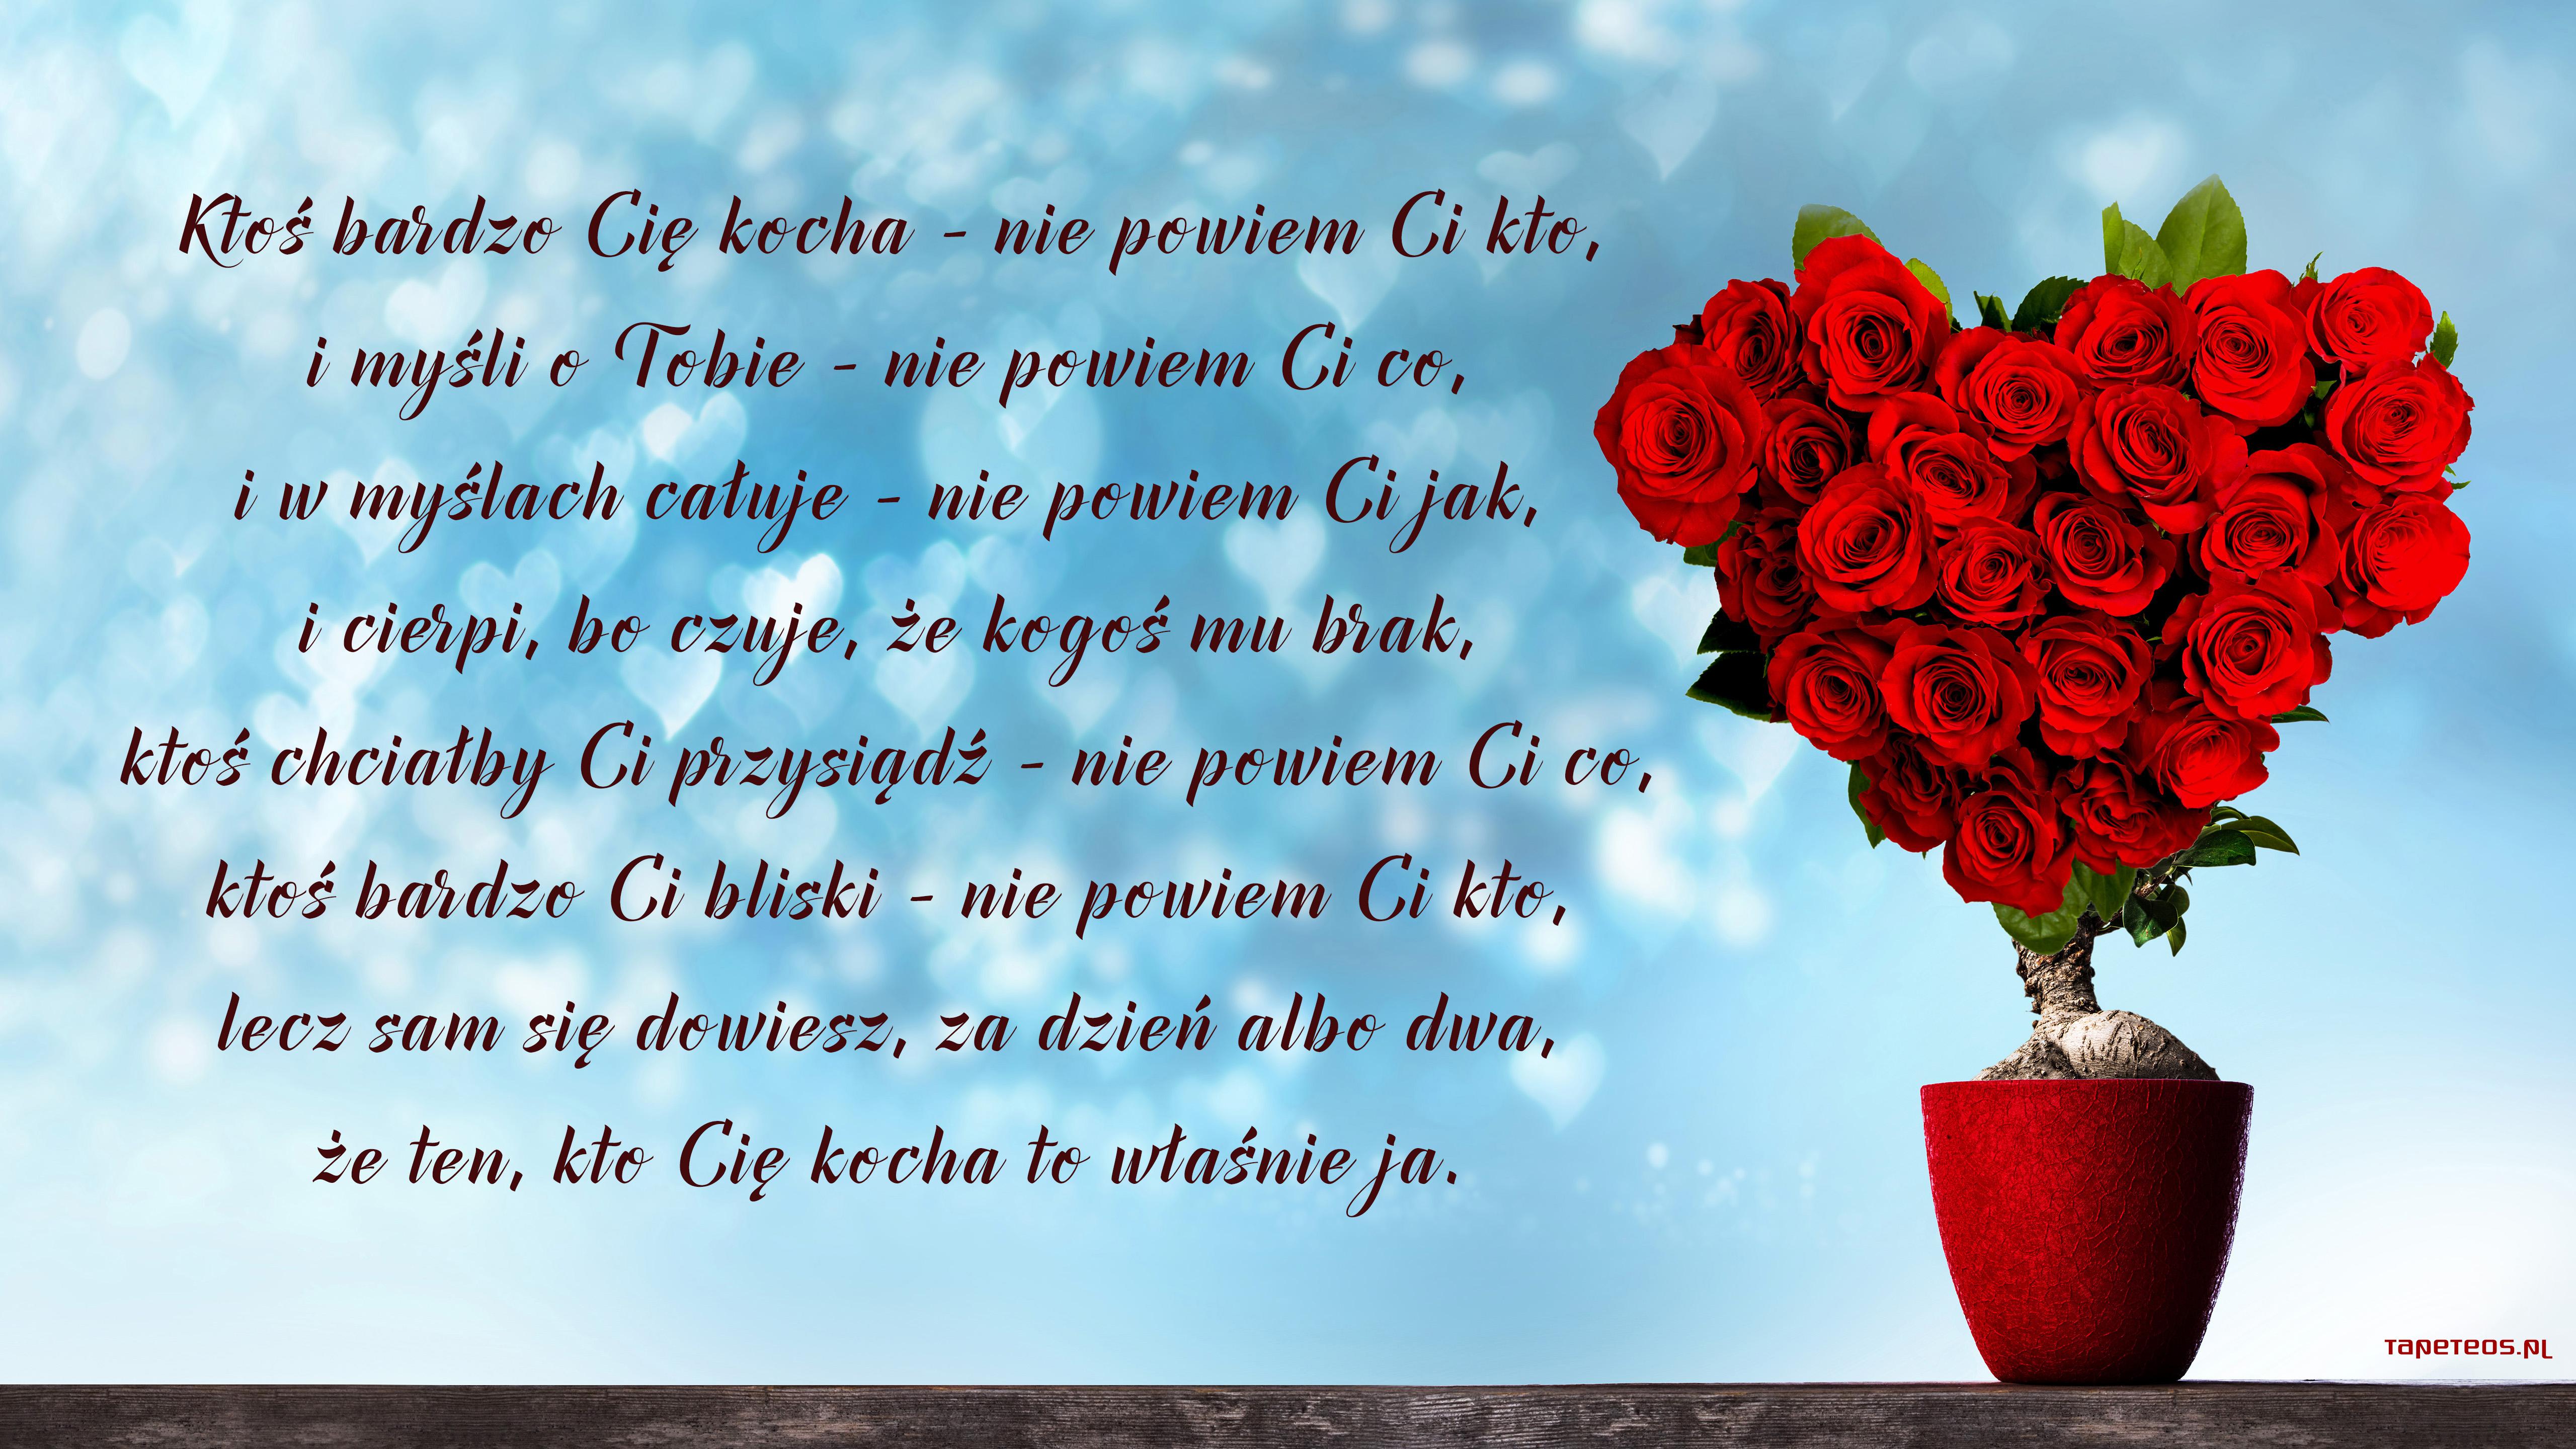 Walentynki Milosc 1459 Czerwone Roze Doniczka Wiersz